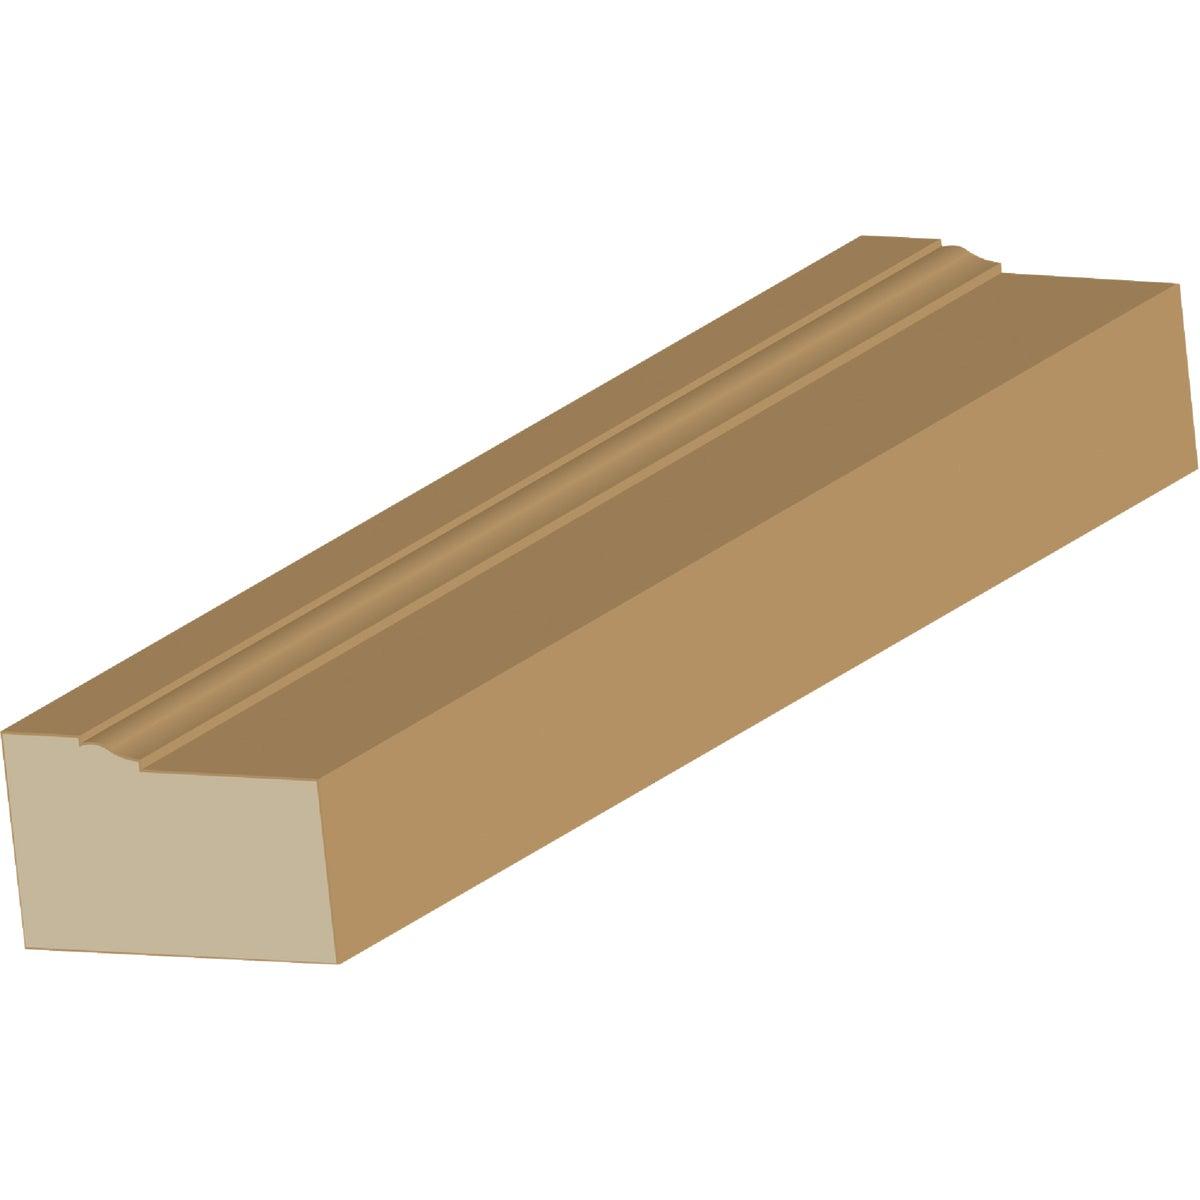 Wm180 Pfj 8' Brick Mold